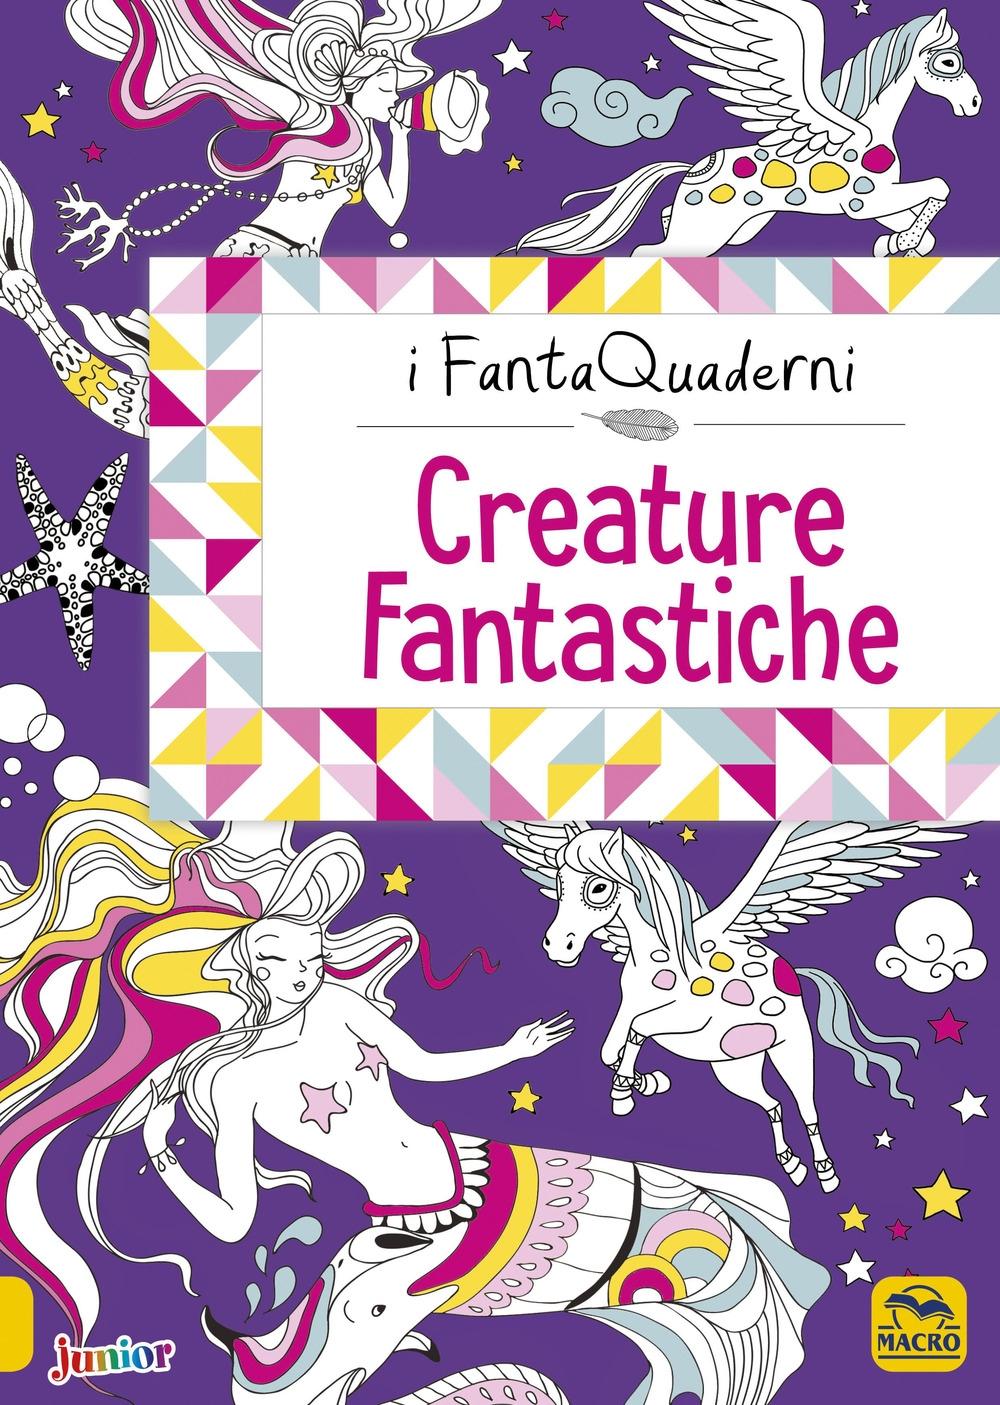 Creature fantastiche. I FantaQuaderni. Ediz. a colori